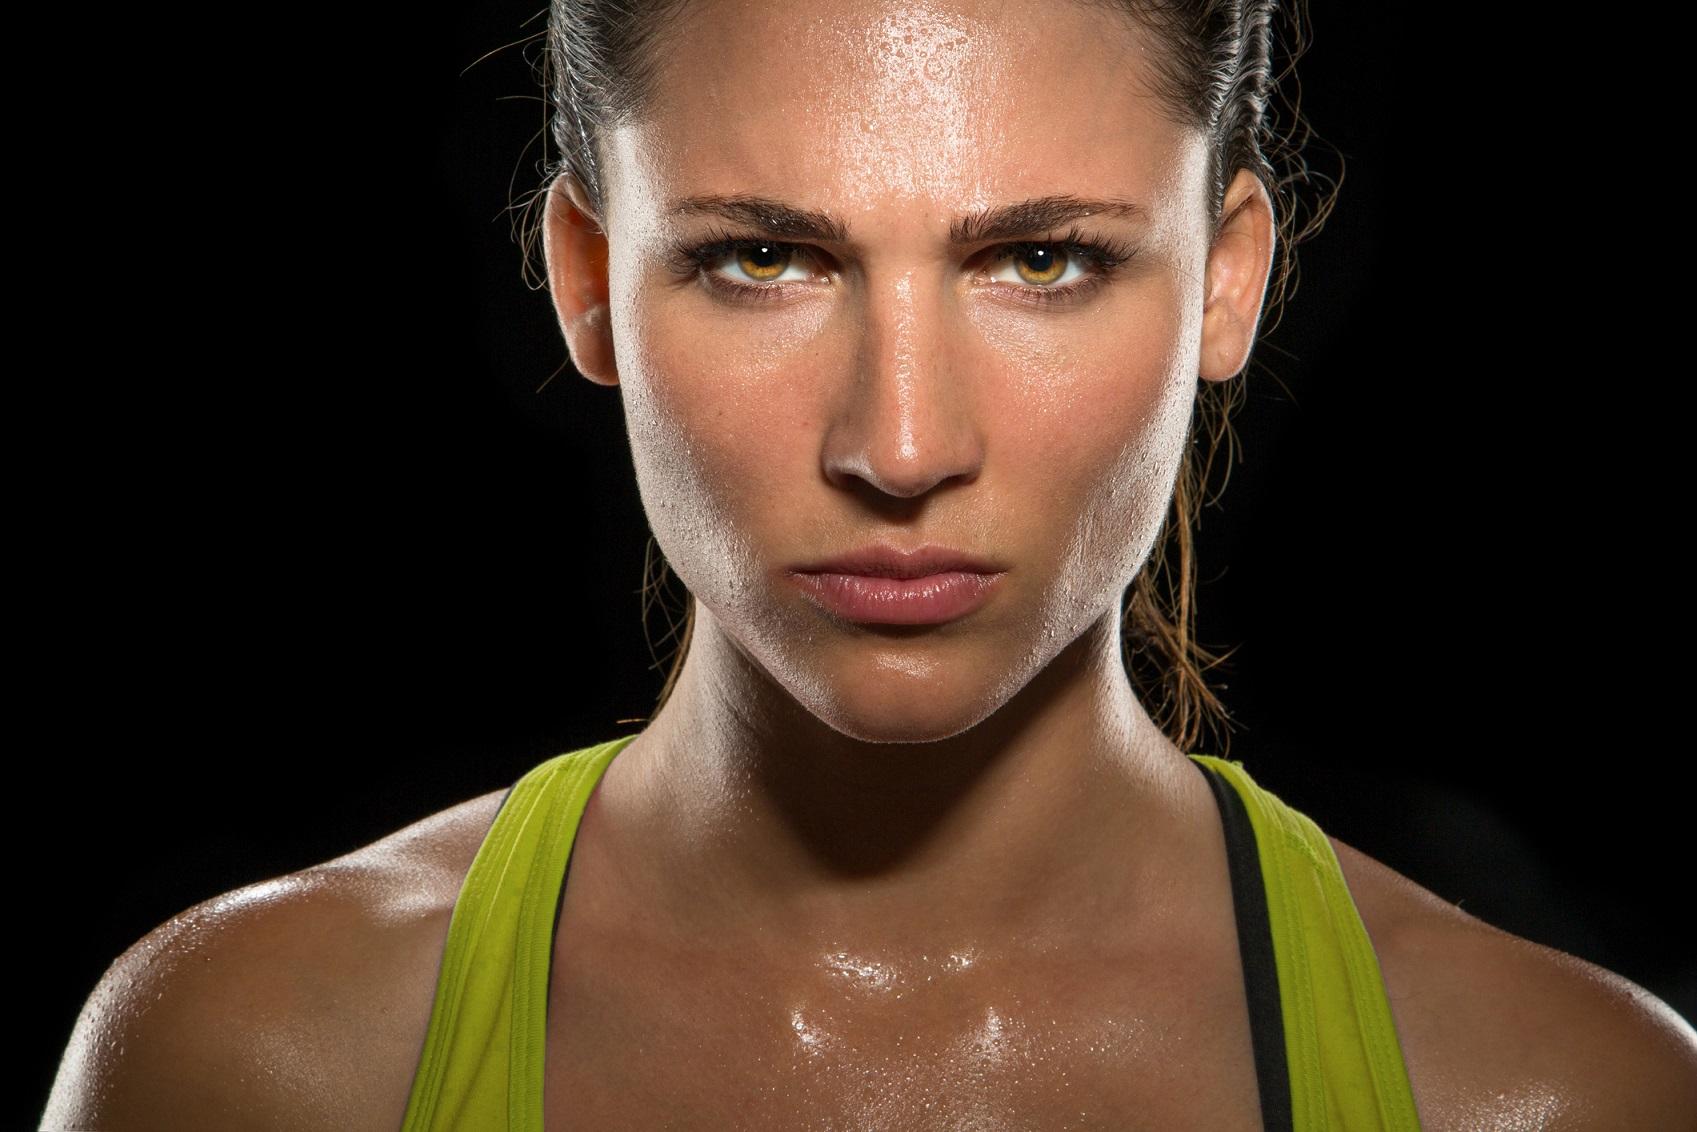 「怒り」は体にどんな影響を与える?スポーツと怒りの関係(前編)